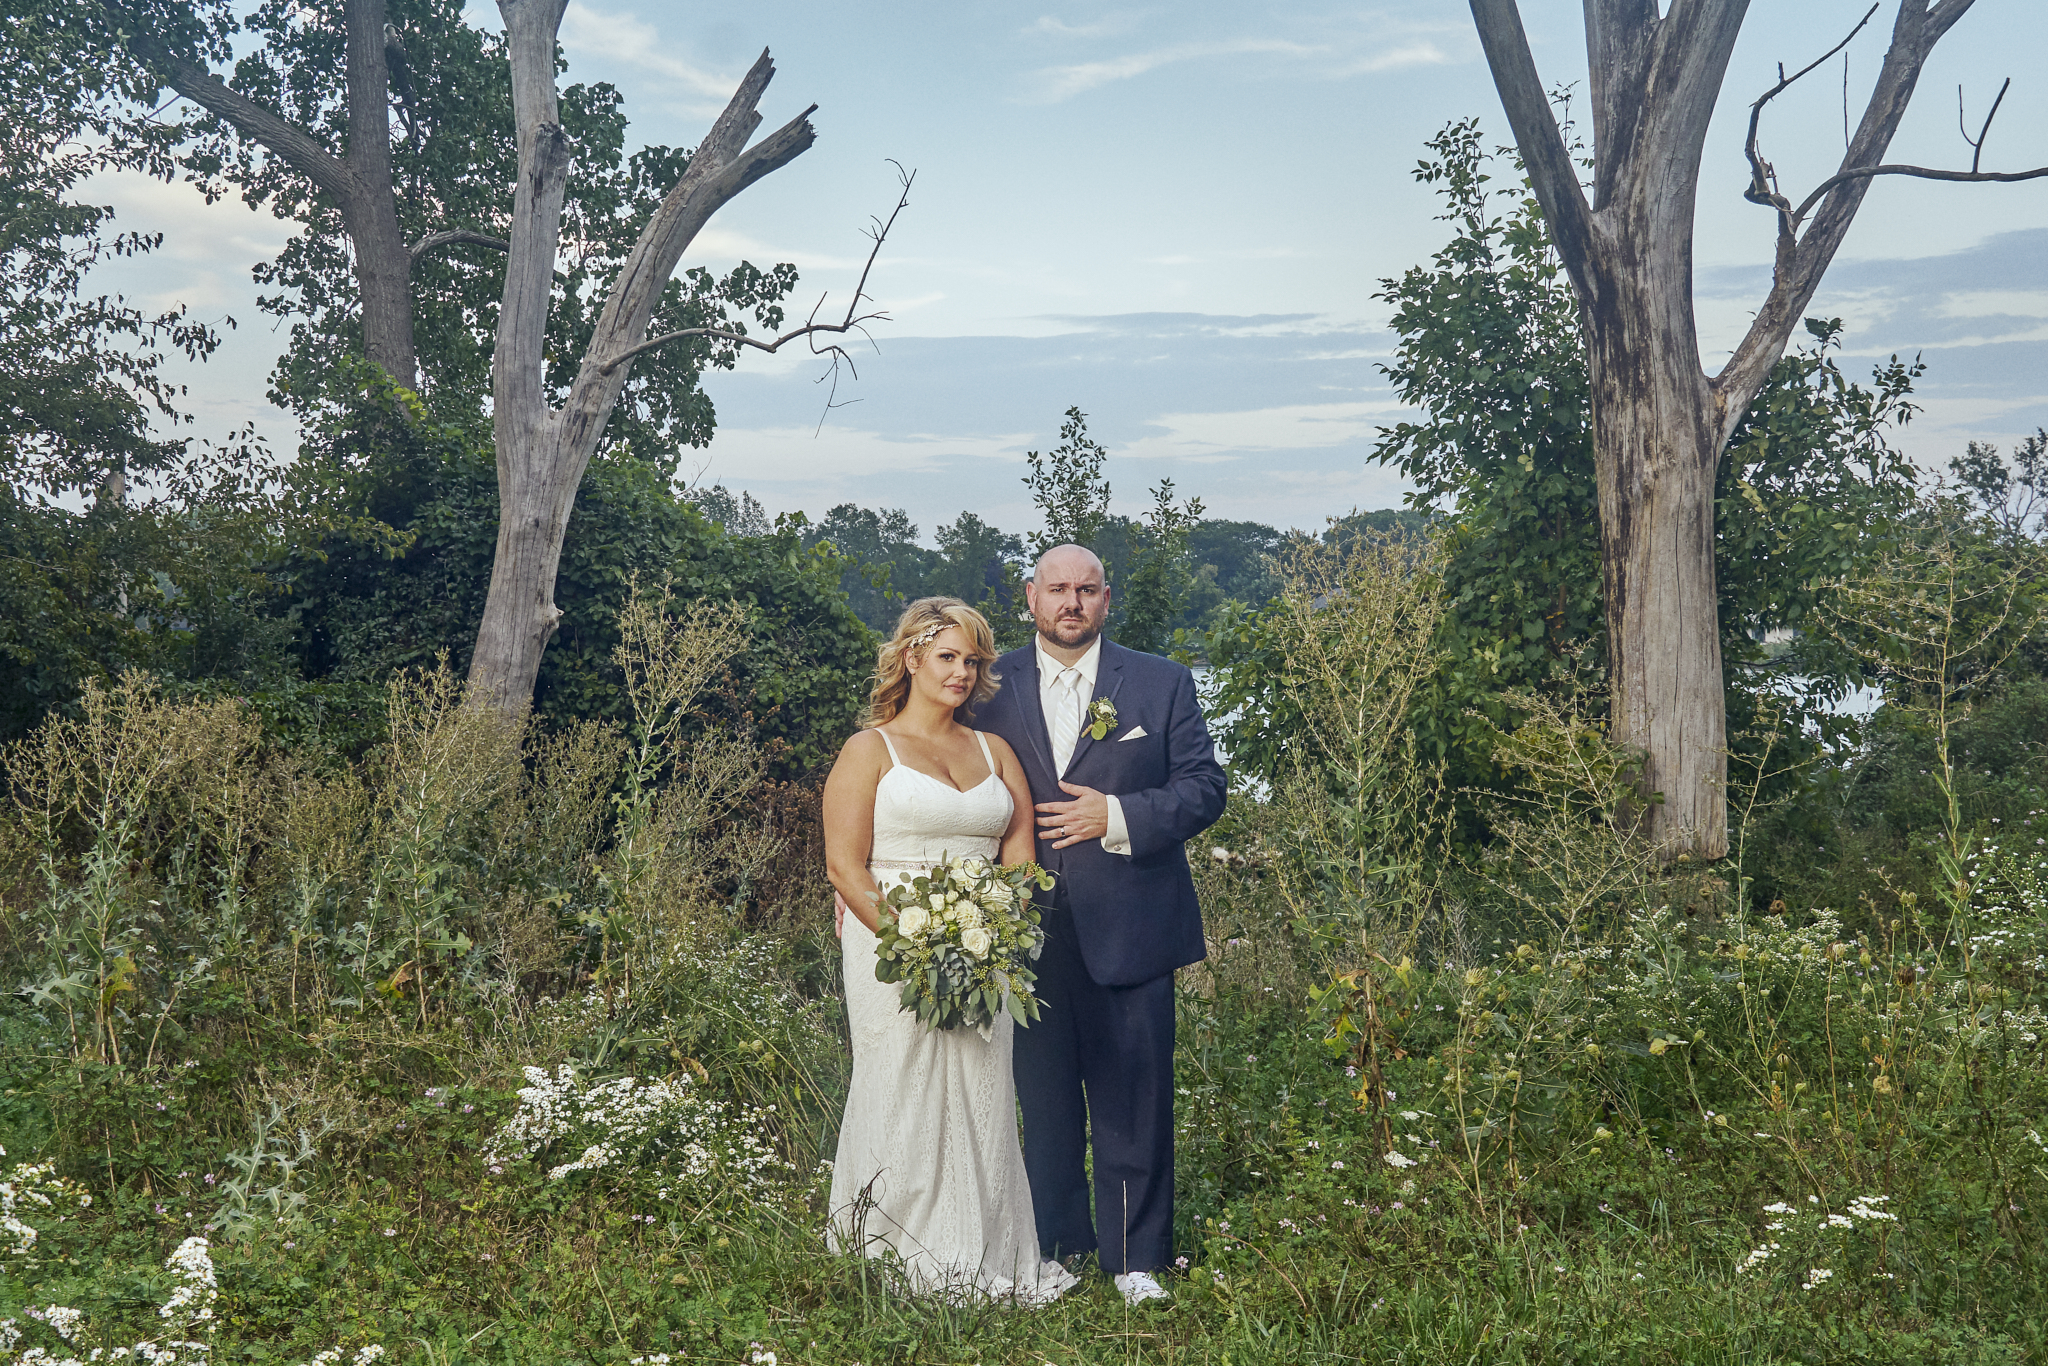 J.R. Clubb Photography Orr Wedding 16001030.jpg